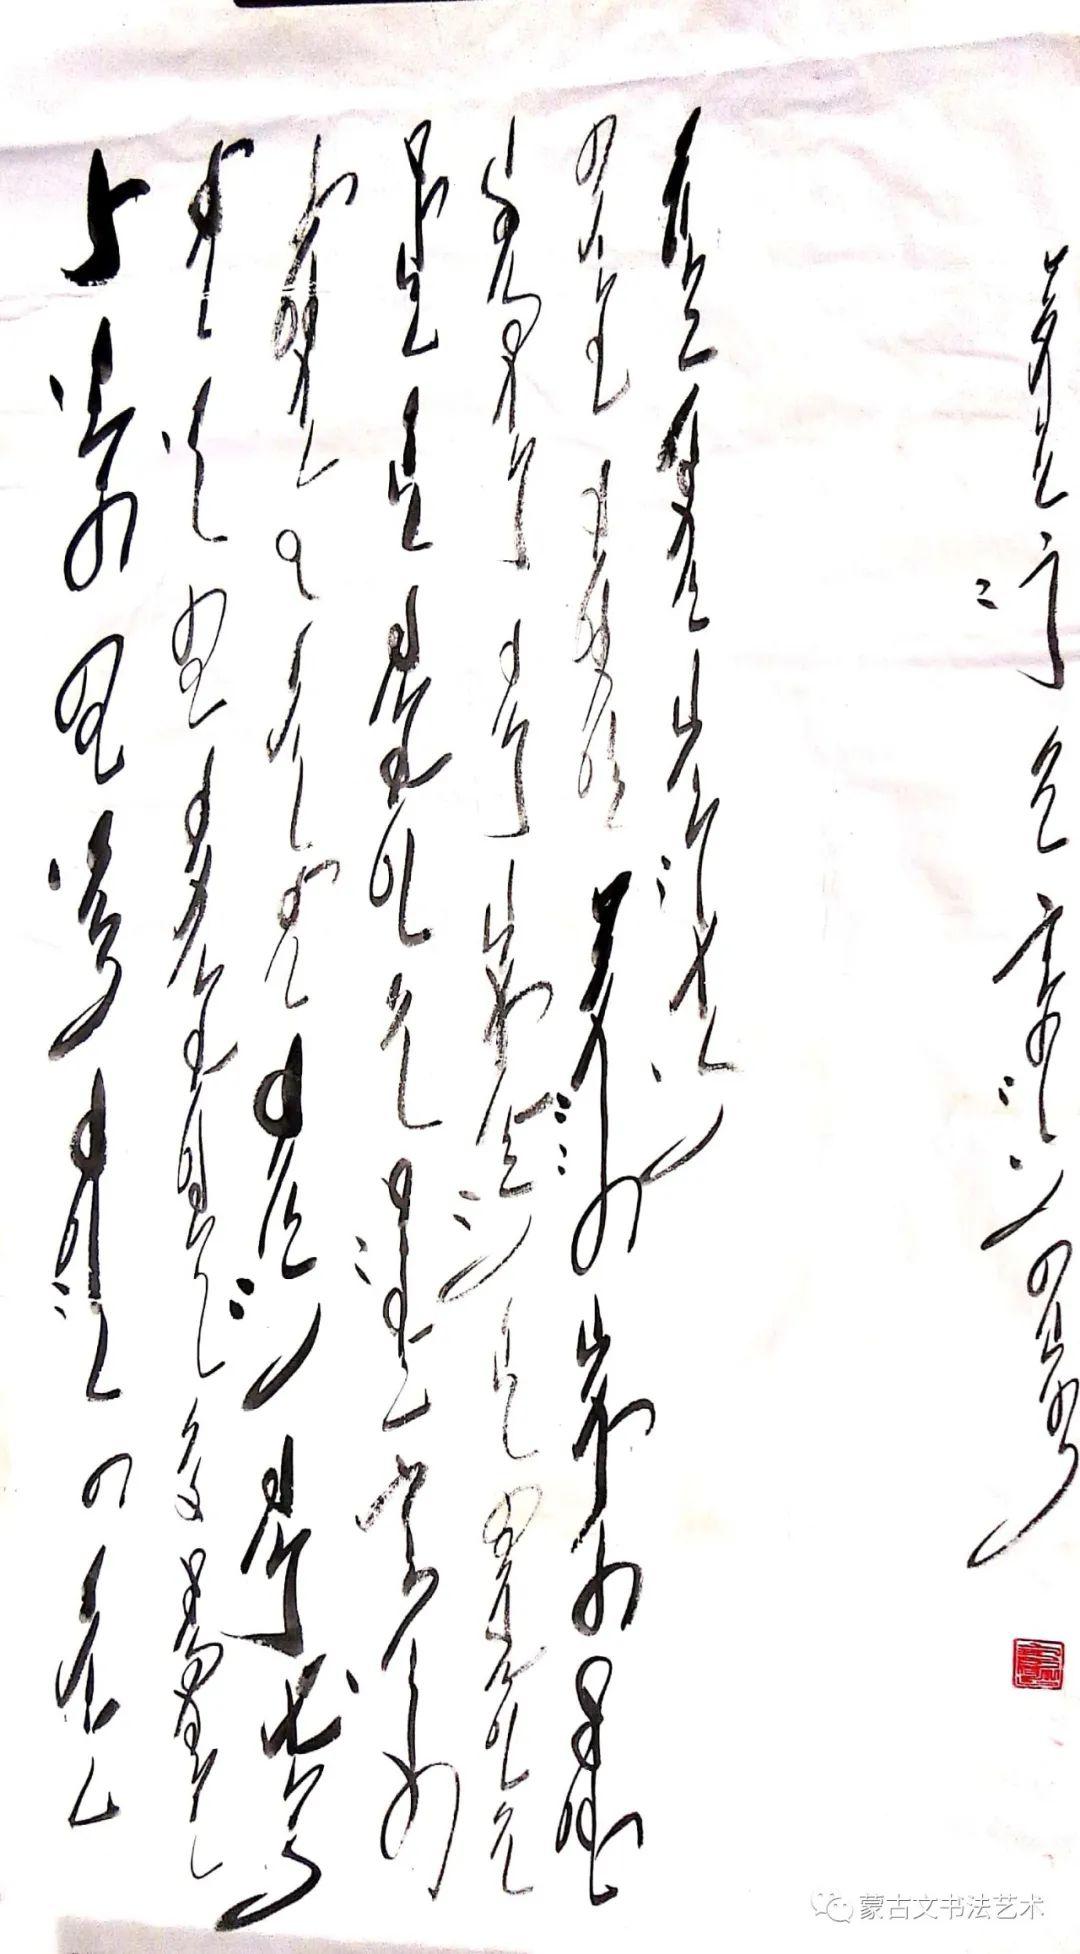 哈斯巴根蒙古文书法 第14张